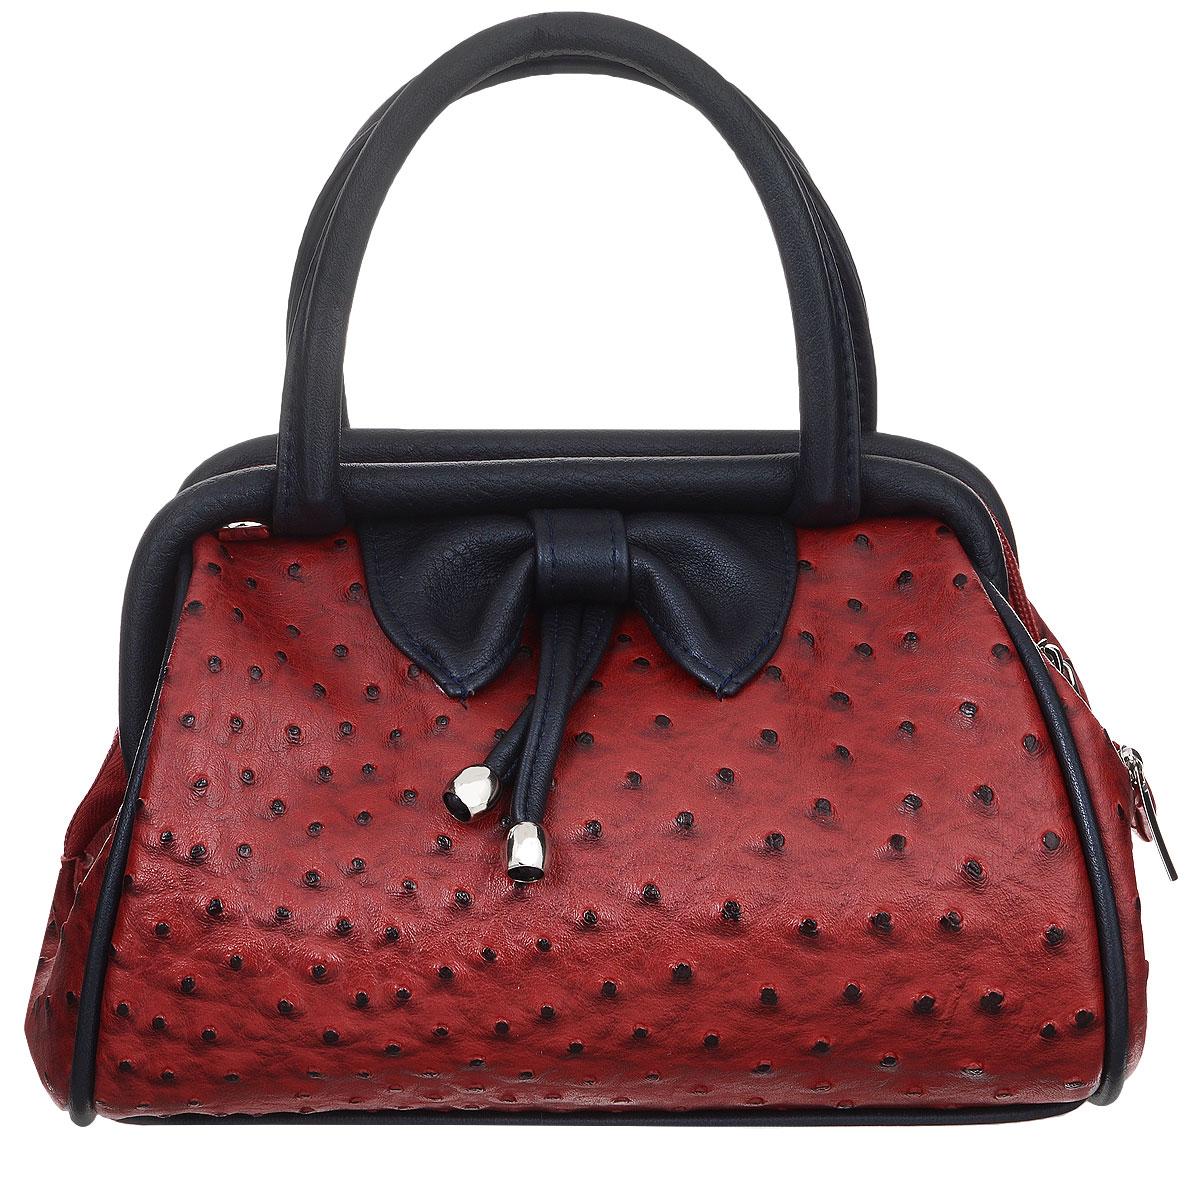 Сумка женская Zemsa, цвет: красный, черный. 5-2125-212Изысканная женская сумка Zemsa изготовлена из искусственной кожи, спереди оригинальный бант. Изделие закрывается на удобную застежку-молнию. Внутри - одно вместительное отделение, несколько накладных карманчиков для мелочей, телефона и врезной карманчик на застежке-молнии. Роскошная сумка внесет элегантные нотки в ваш образ и подчеркнет ваше отменное чувство стиля.